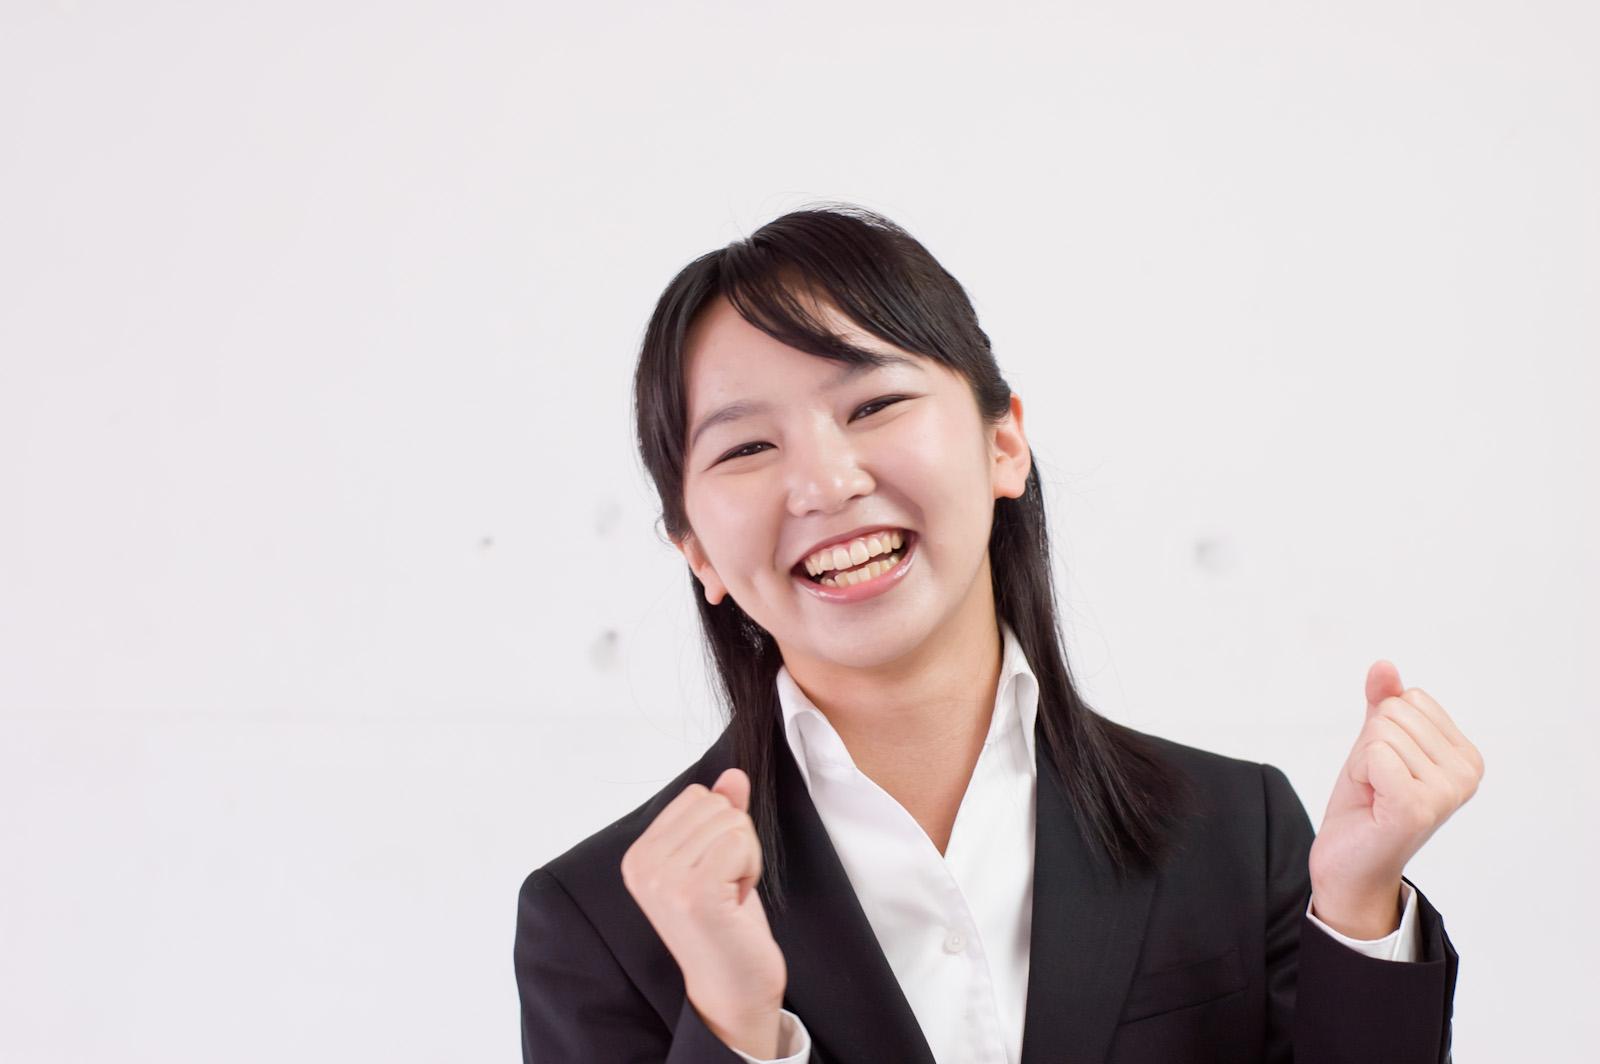 就職活動の新たな道?異色の求人・転職サイトでじっくり仕事探し